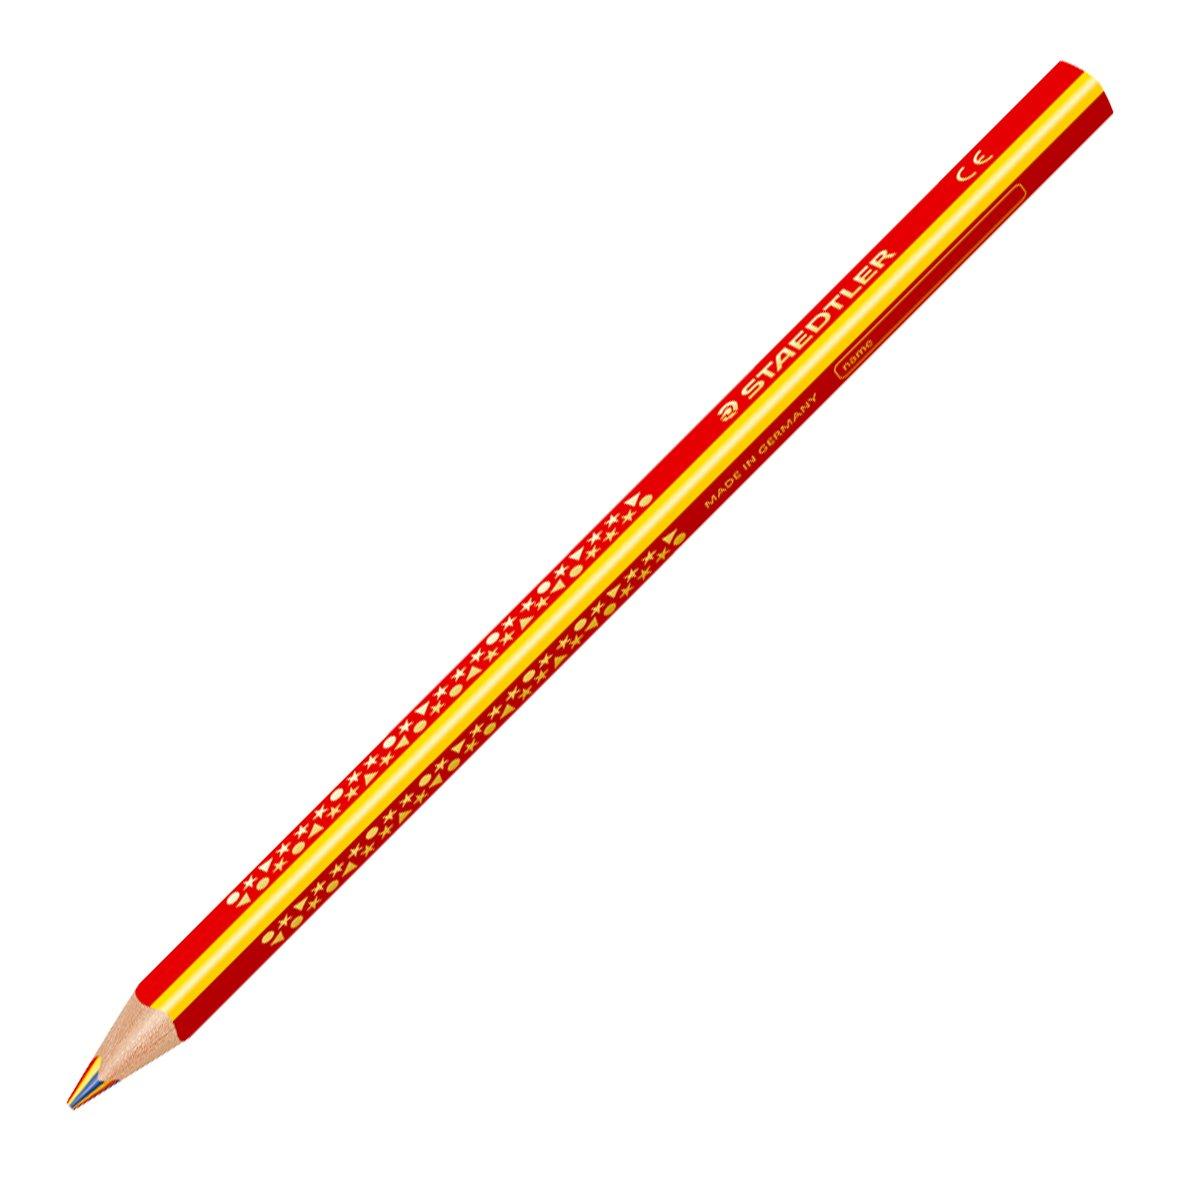 1274 KP50 Sonstige Mal- & Zeichenmaterialien für Kinder STAEDTLER Farbstift Noris Club 4 mm gelb rot blau Köcher mit 50 Bastel- & Kreativ-Bedarf für Kinder